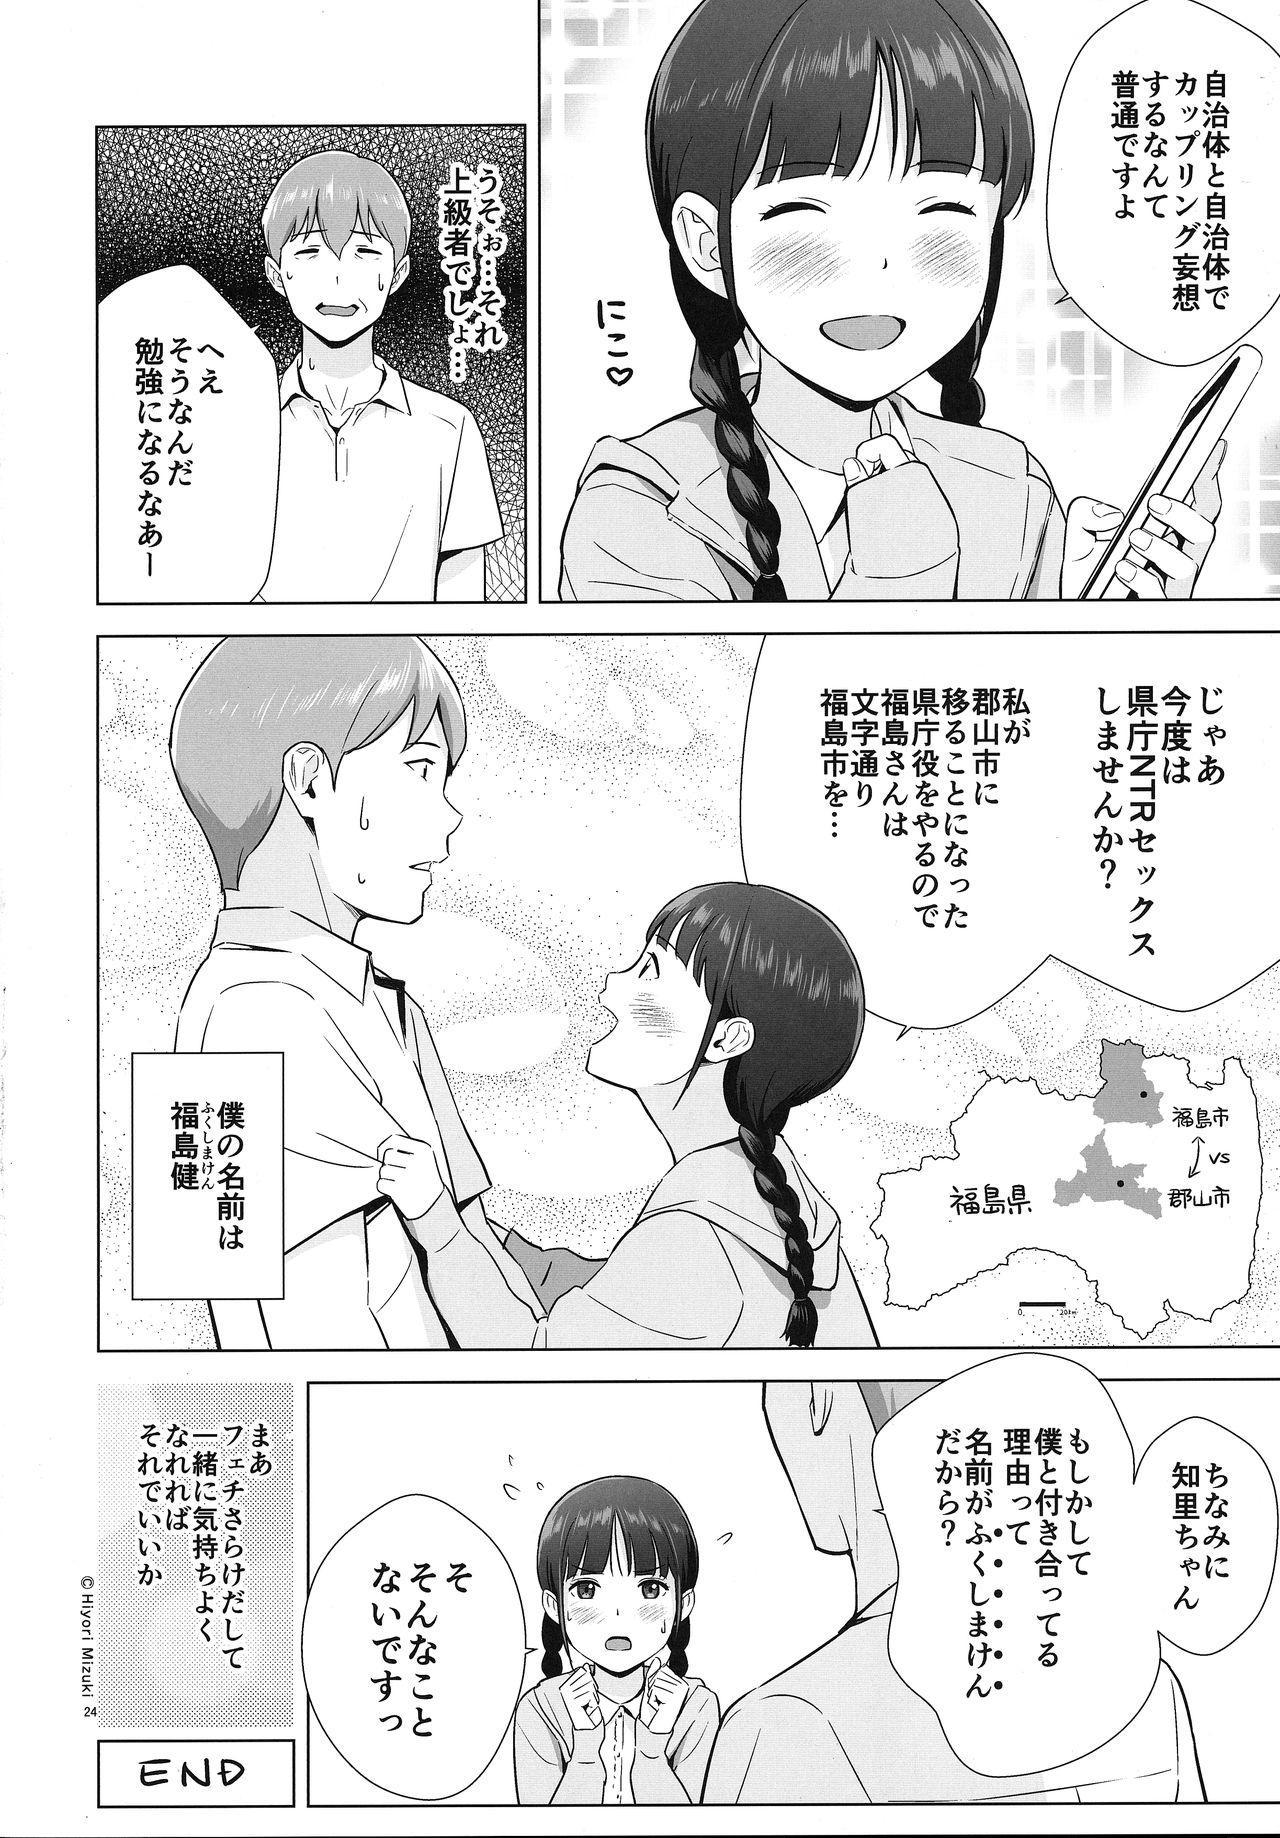 Senobi Shoujo to Icha Love Seikatsu Inoue Chiri 14-sai 24